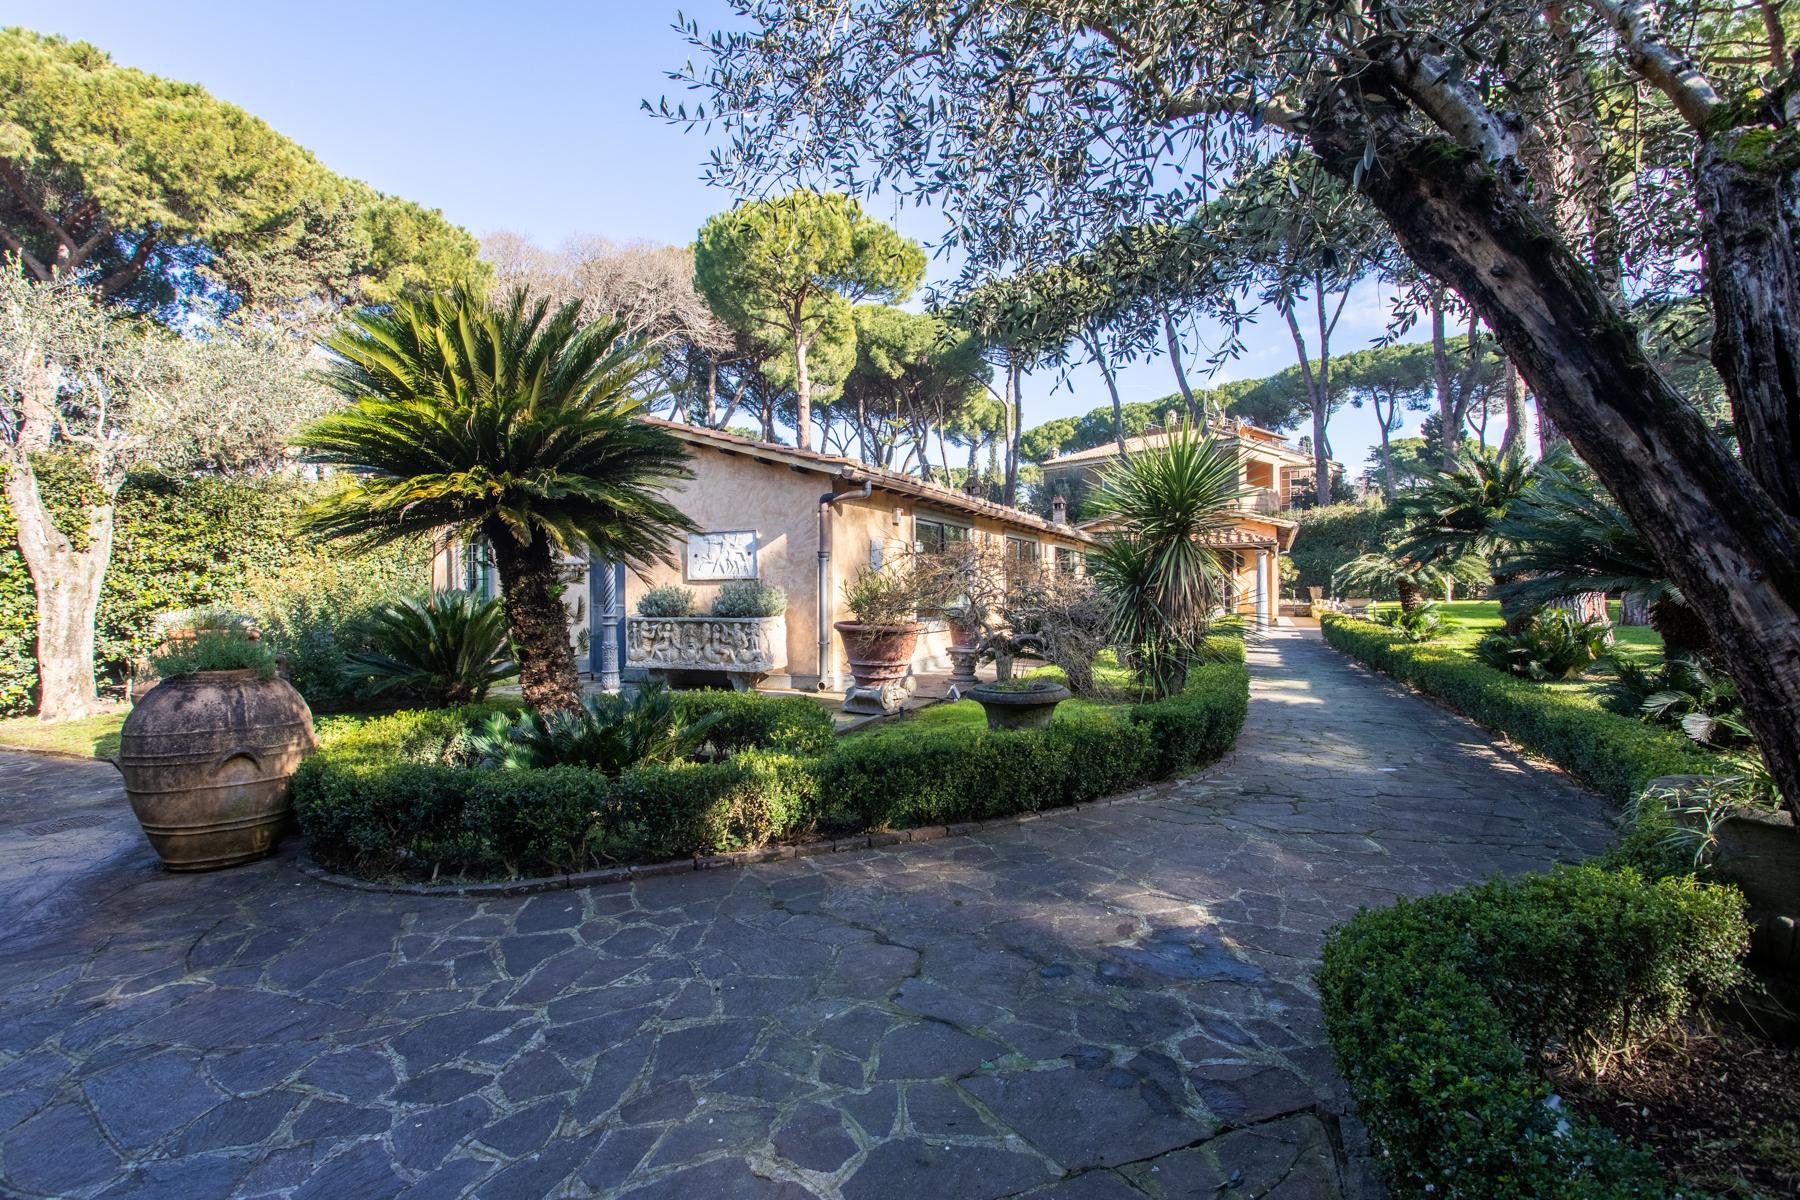 Villa in Vendita a Roma 13 Appio Latino / Appia Antica: 5 locali, 380 mq